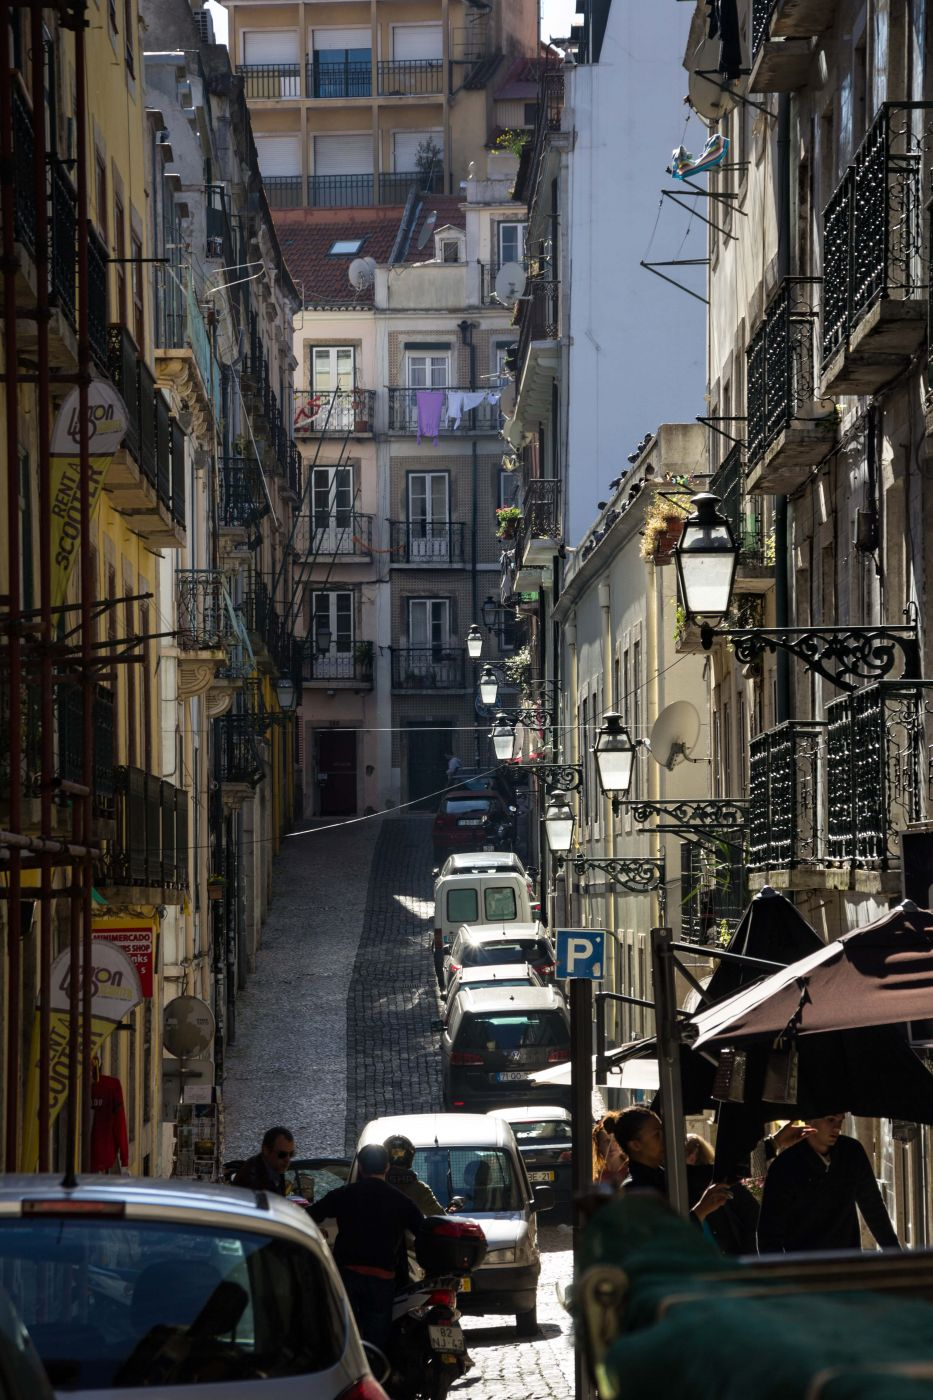 Rua do Gremio Lusitano, Portugal